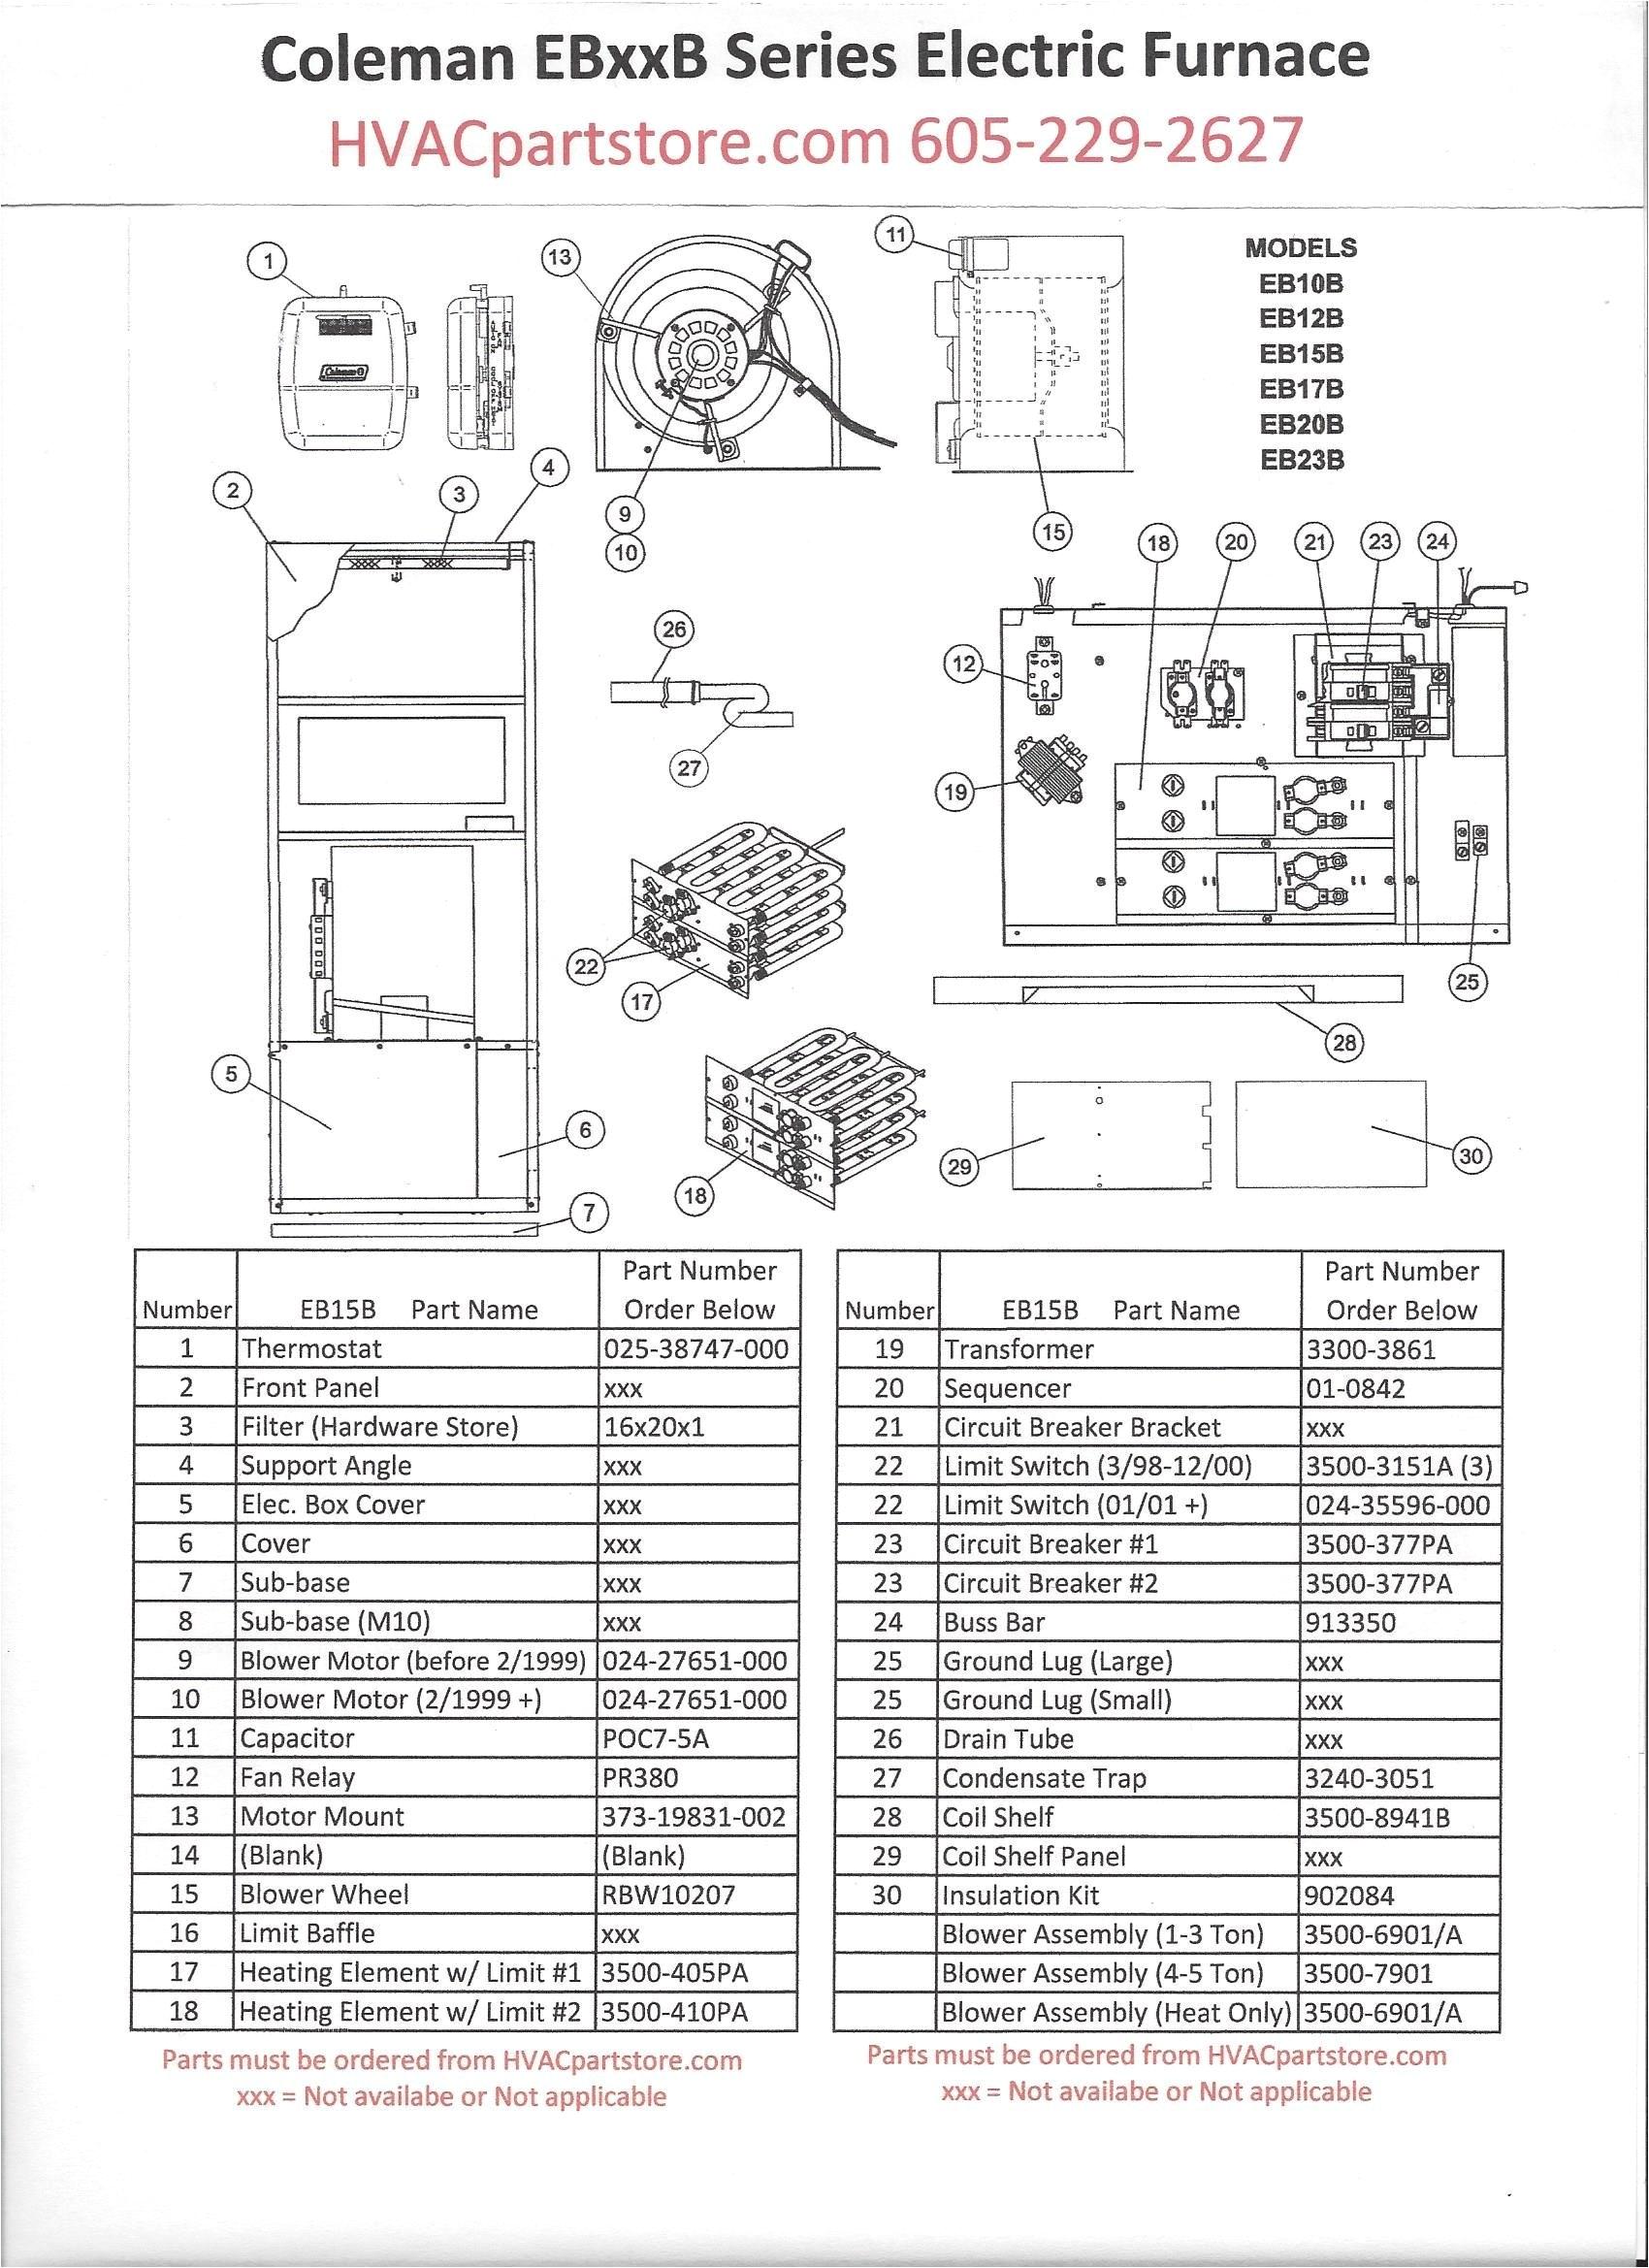 goodman gas furnace wiring diagram ge electric furnace wiring diagram valid goodman electric furnace wiring diagram moreover ge 1 2 hp 15e jpg